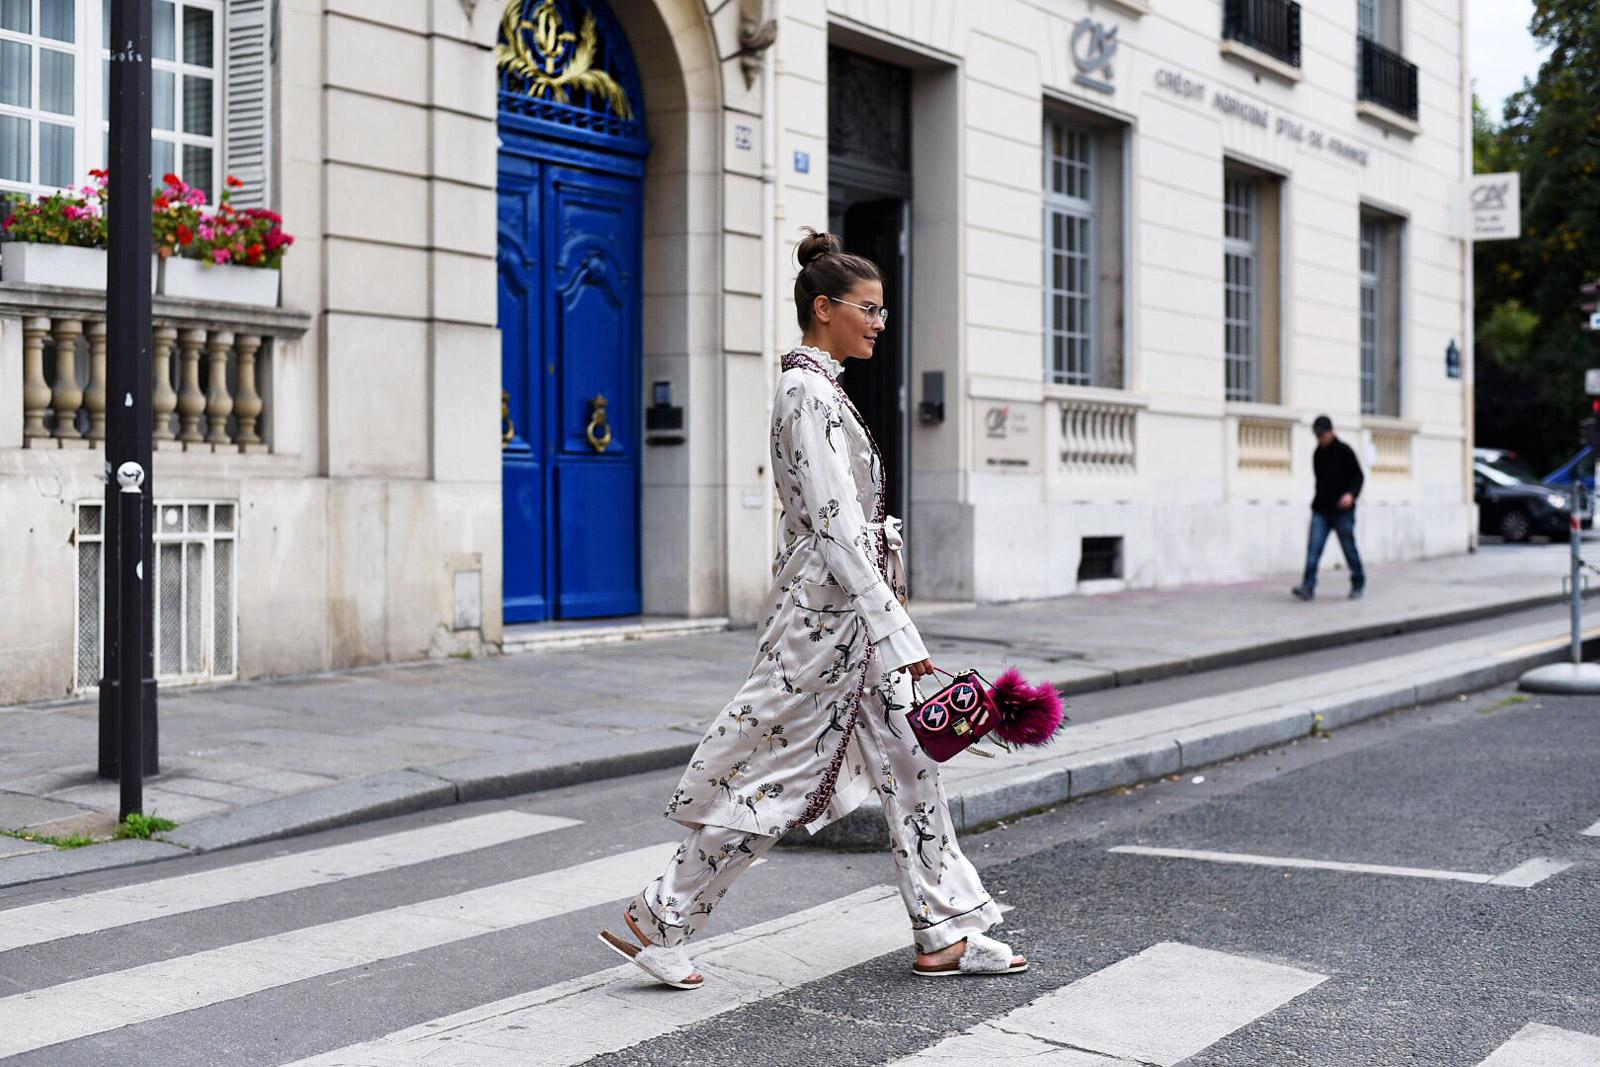 baum-und-pferdgarten-pyjama-blogger-style